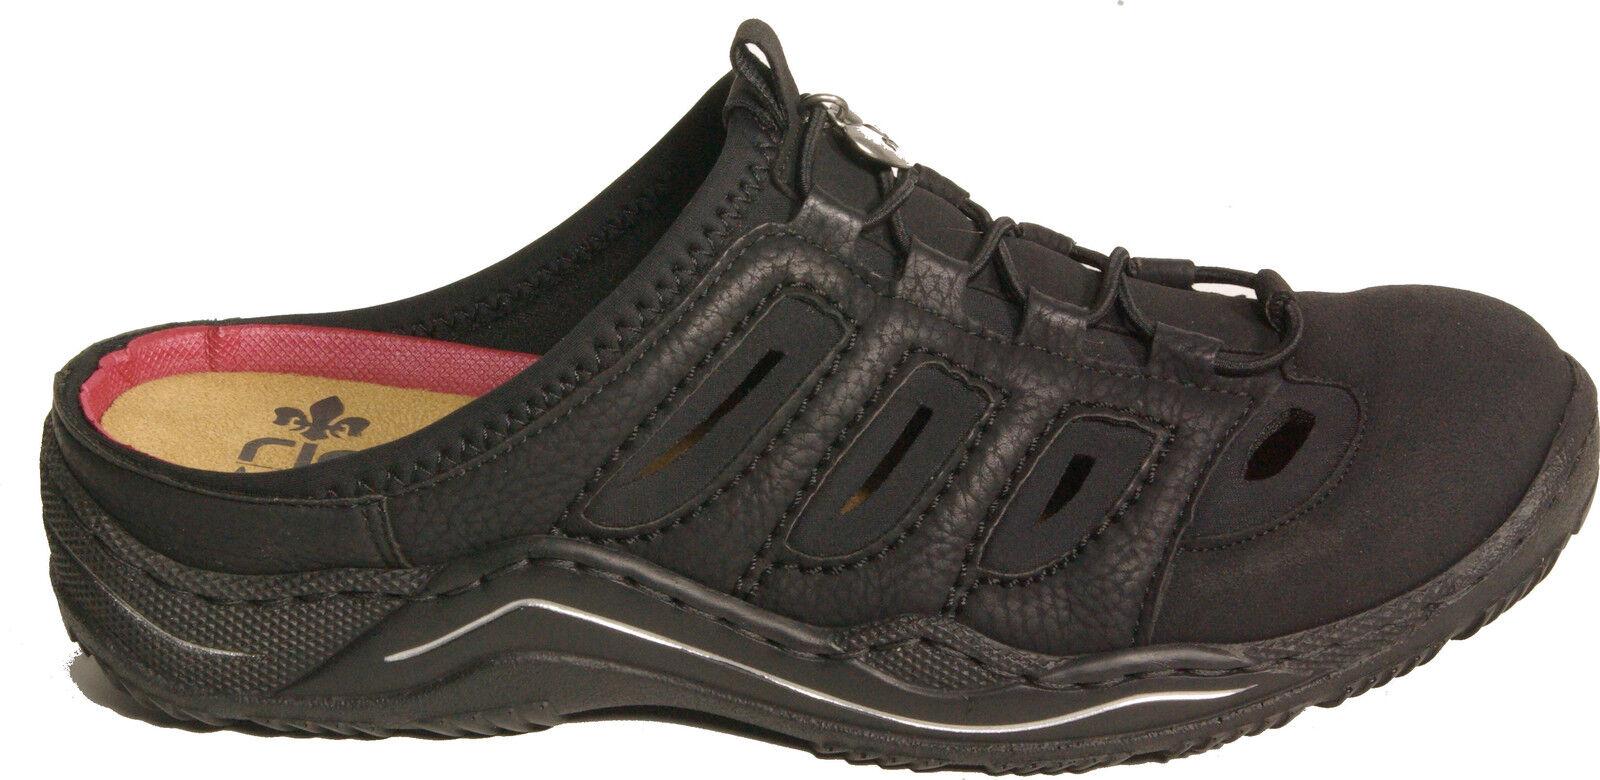 RIEKER Schuhe sportliche Pantoletten Clogs schwarz Gummizugverschluss NEU